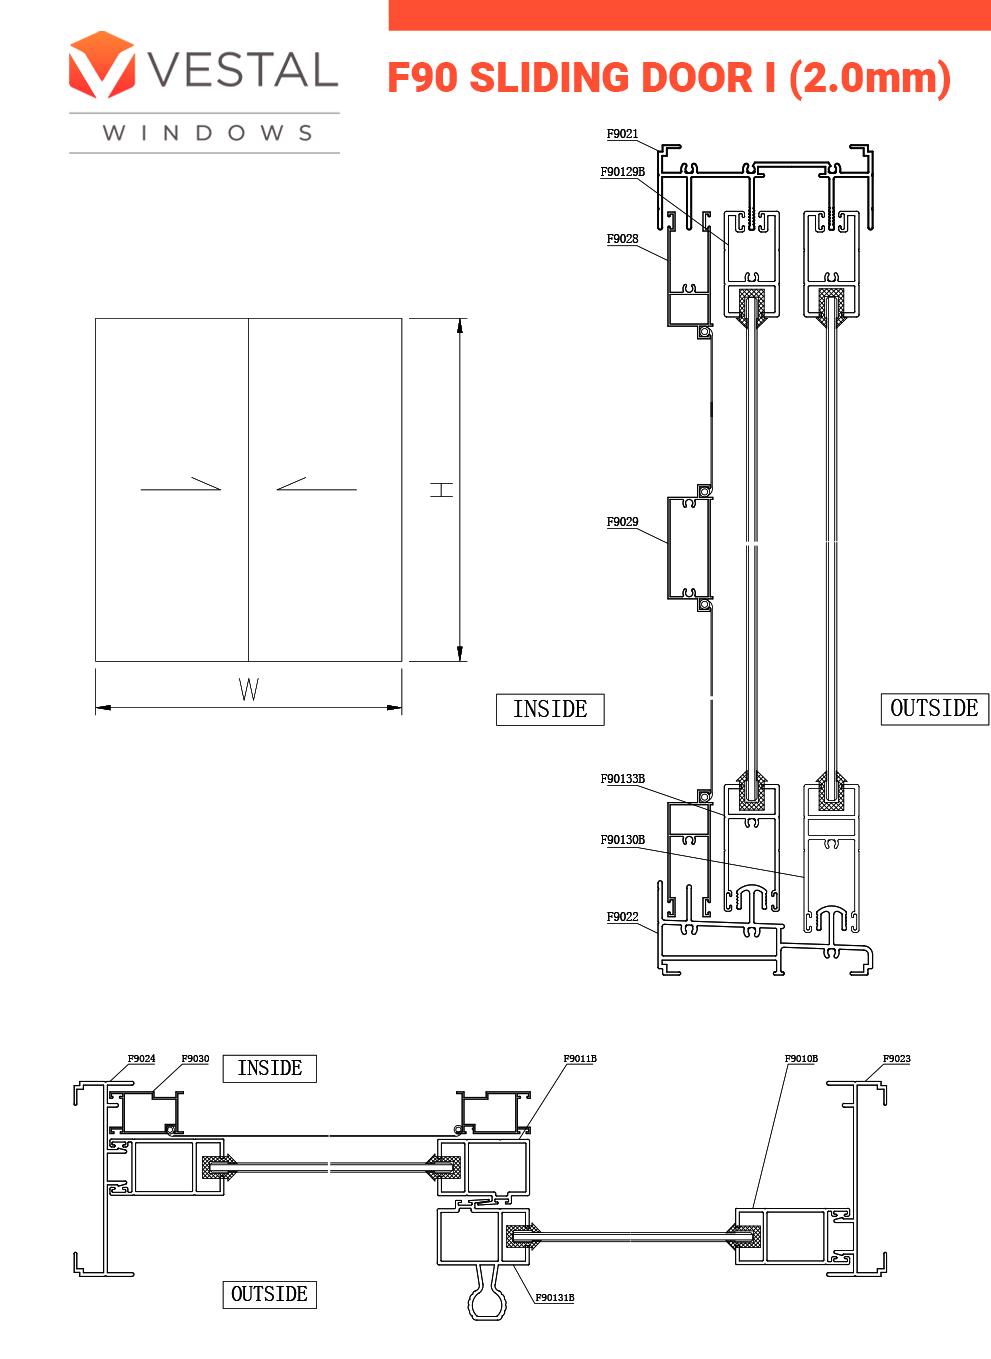 F90 sliding door1